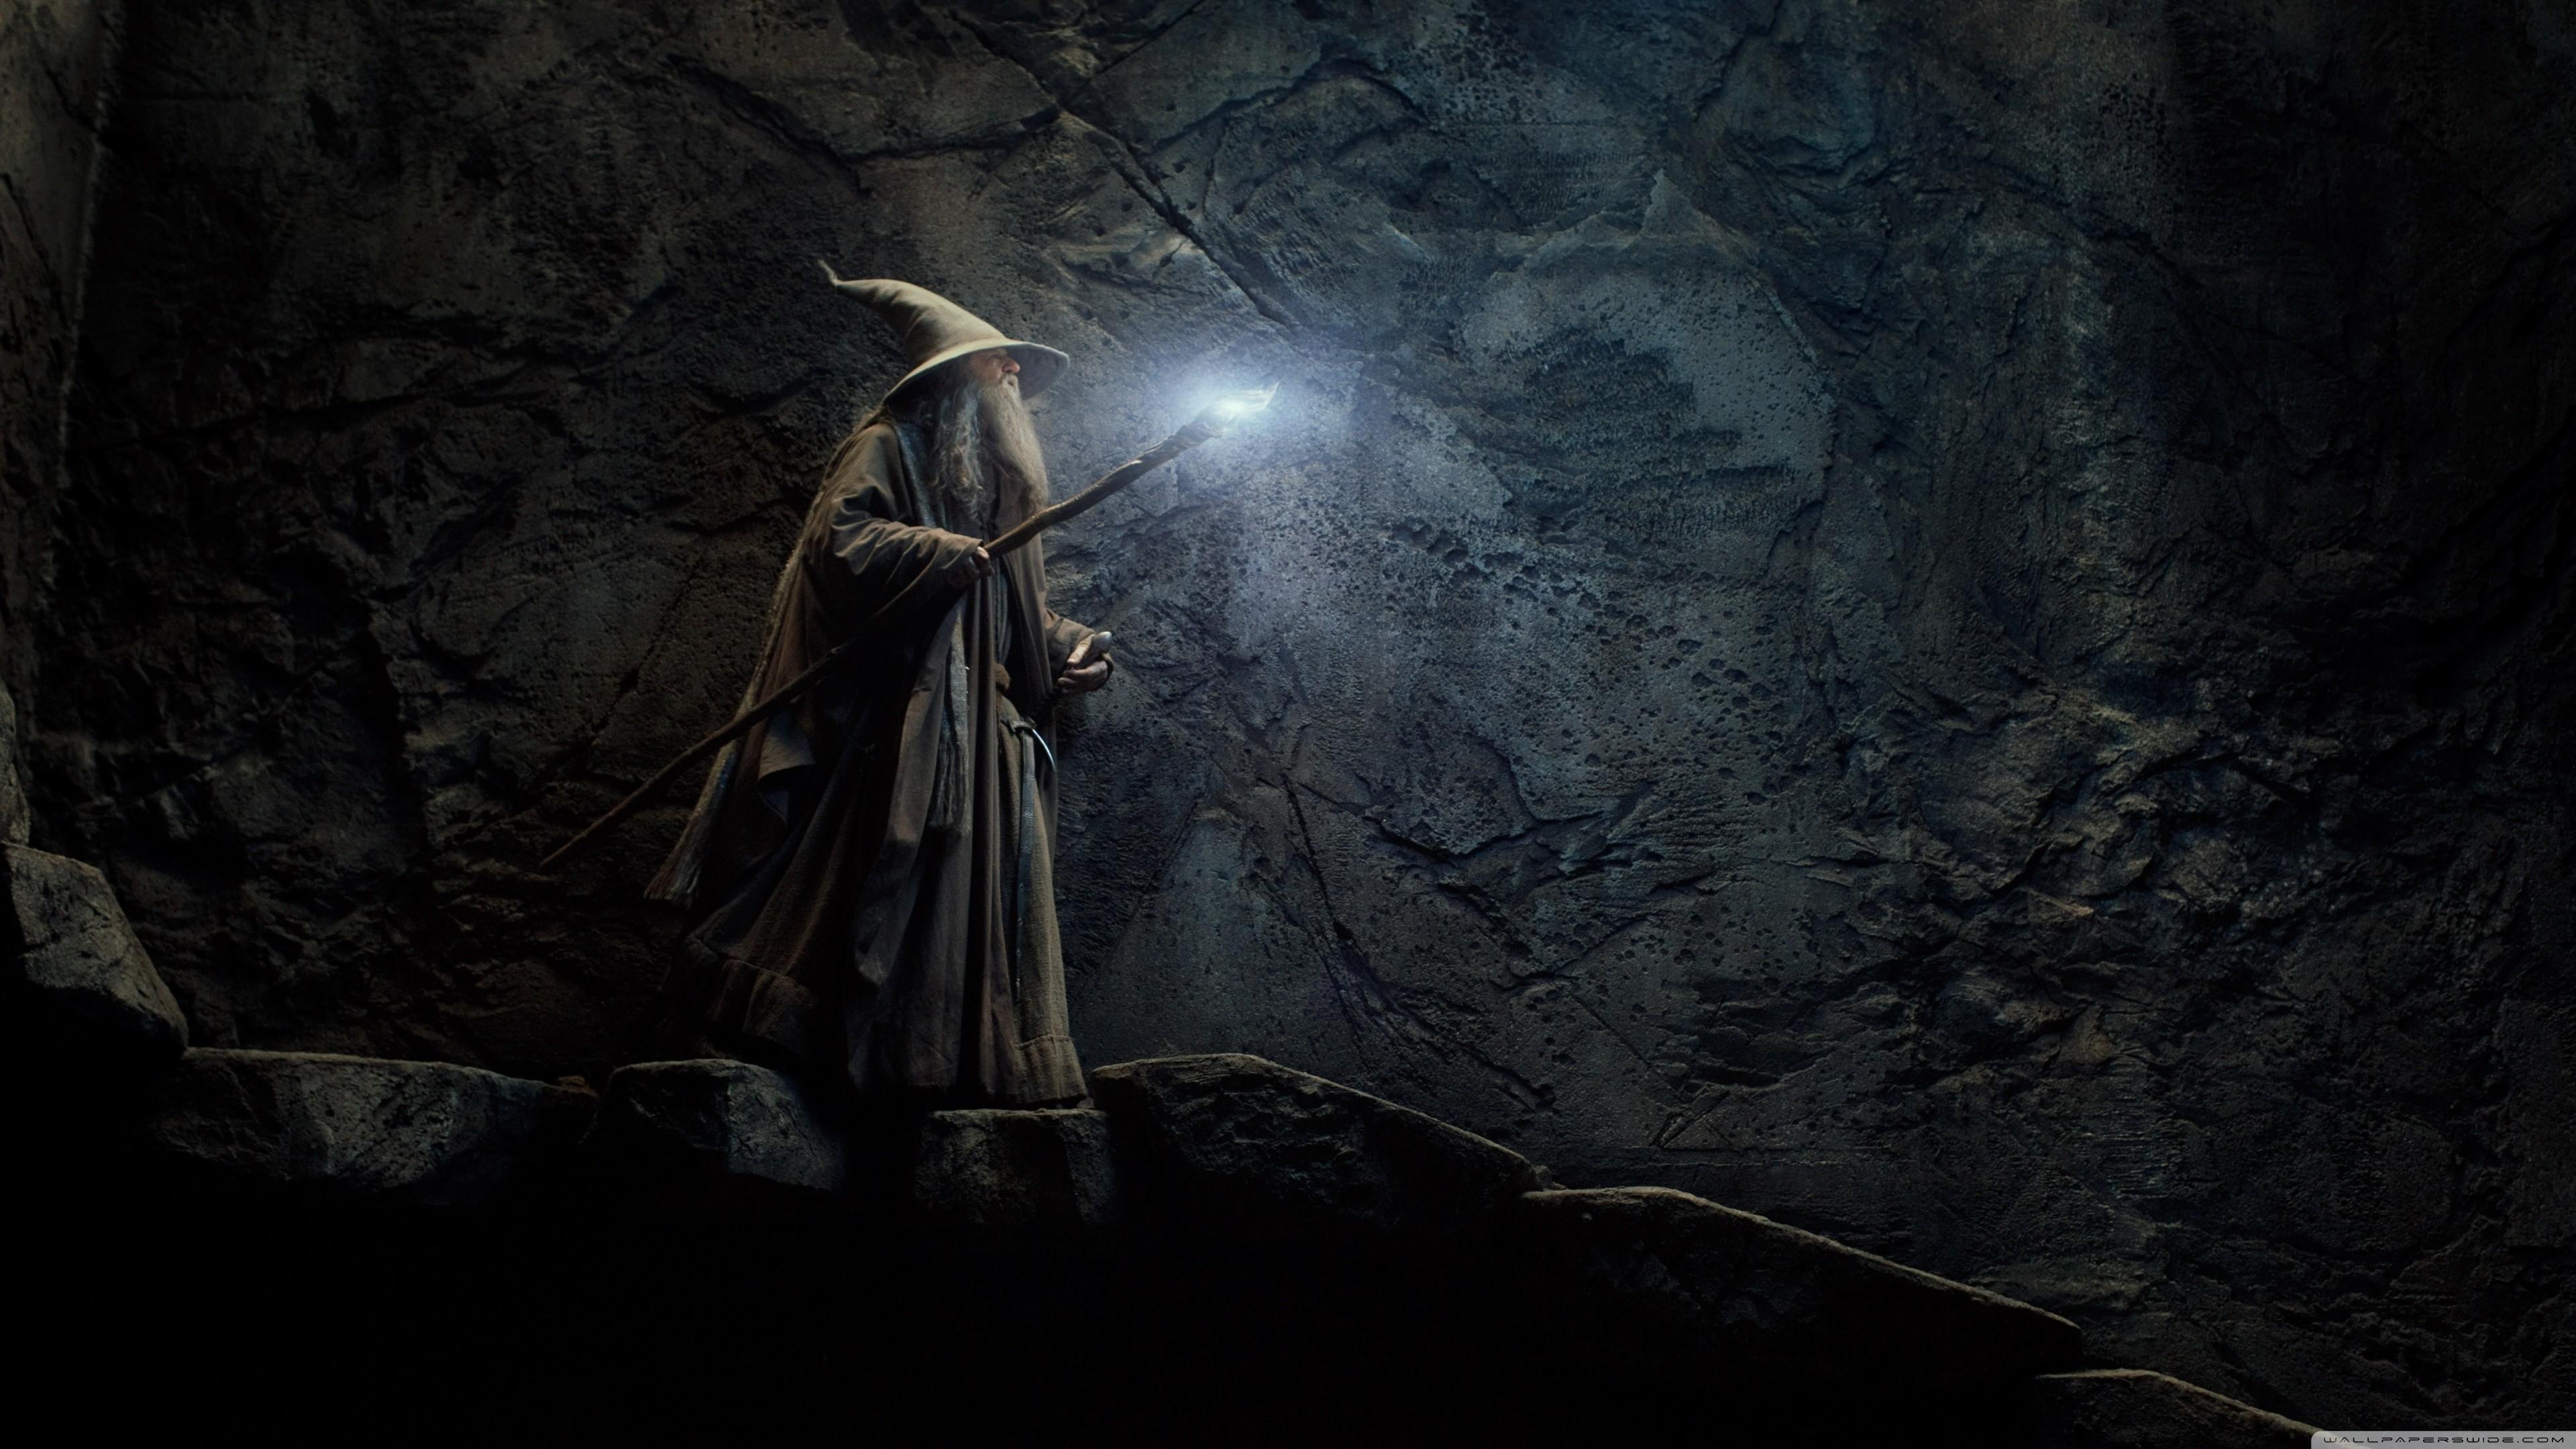 Hobbit Hd